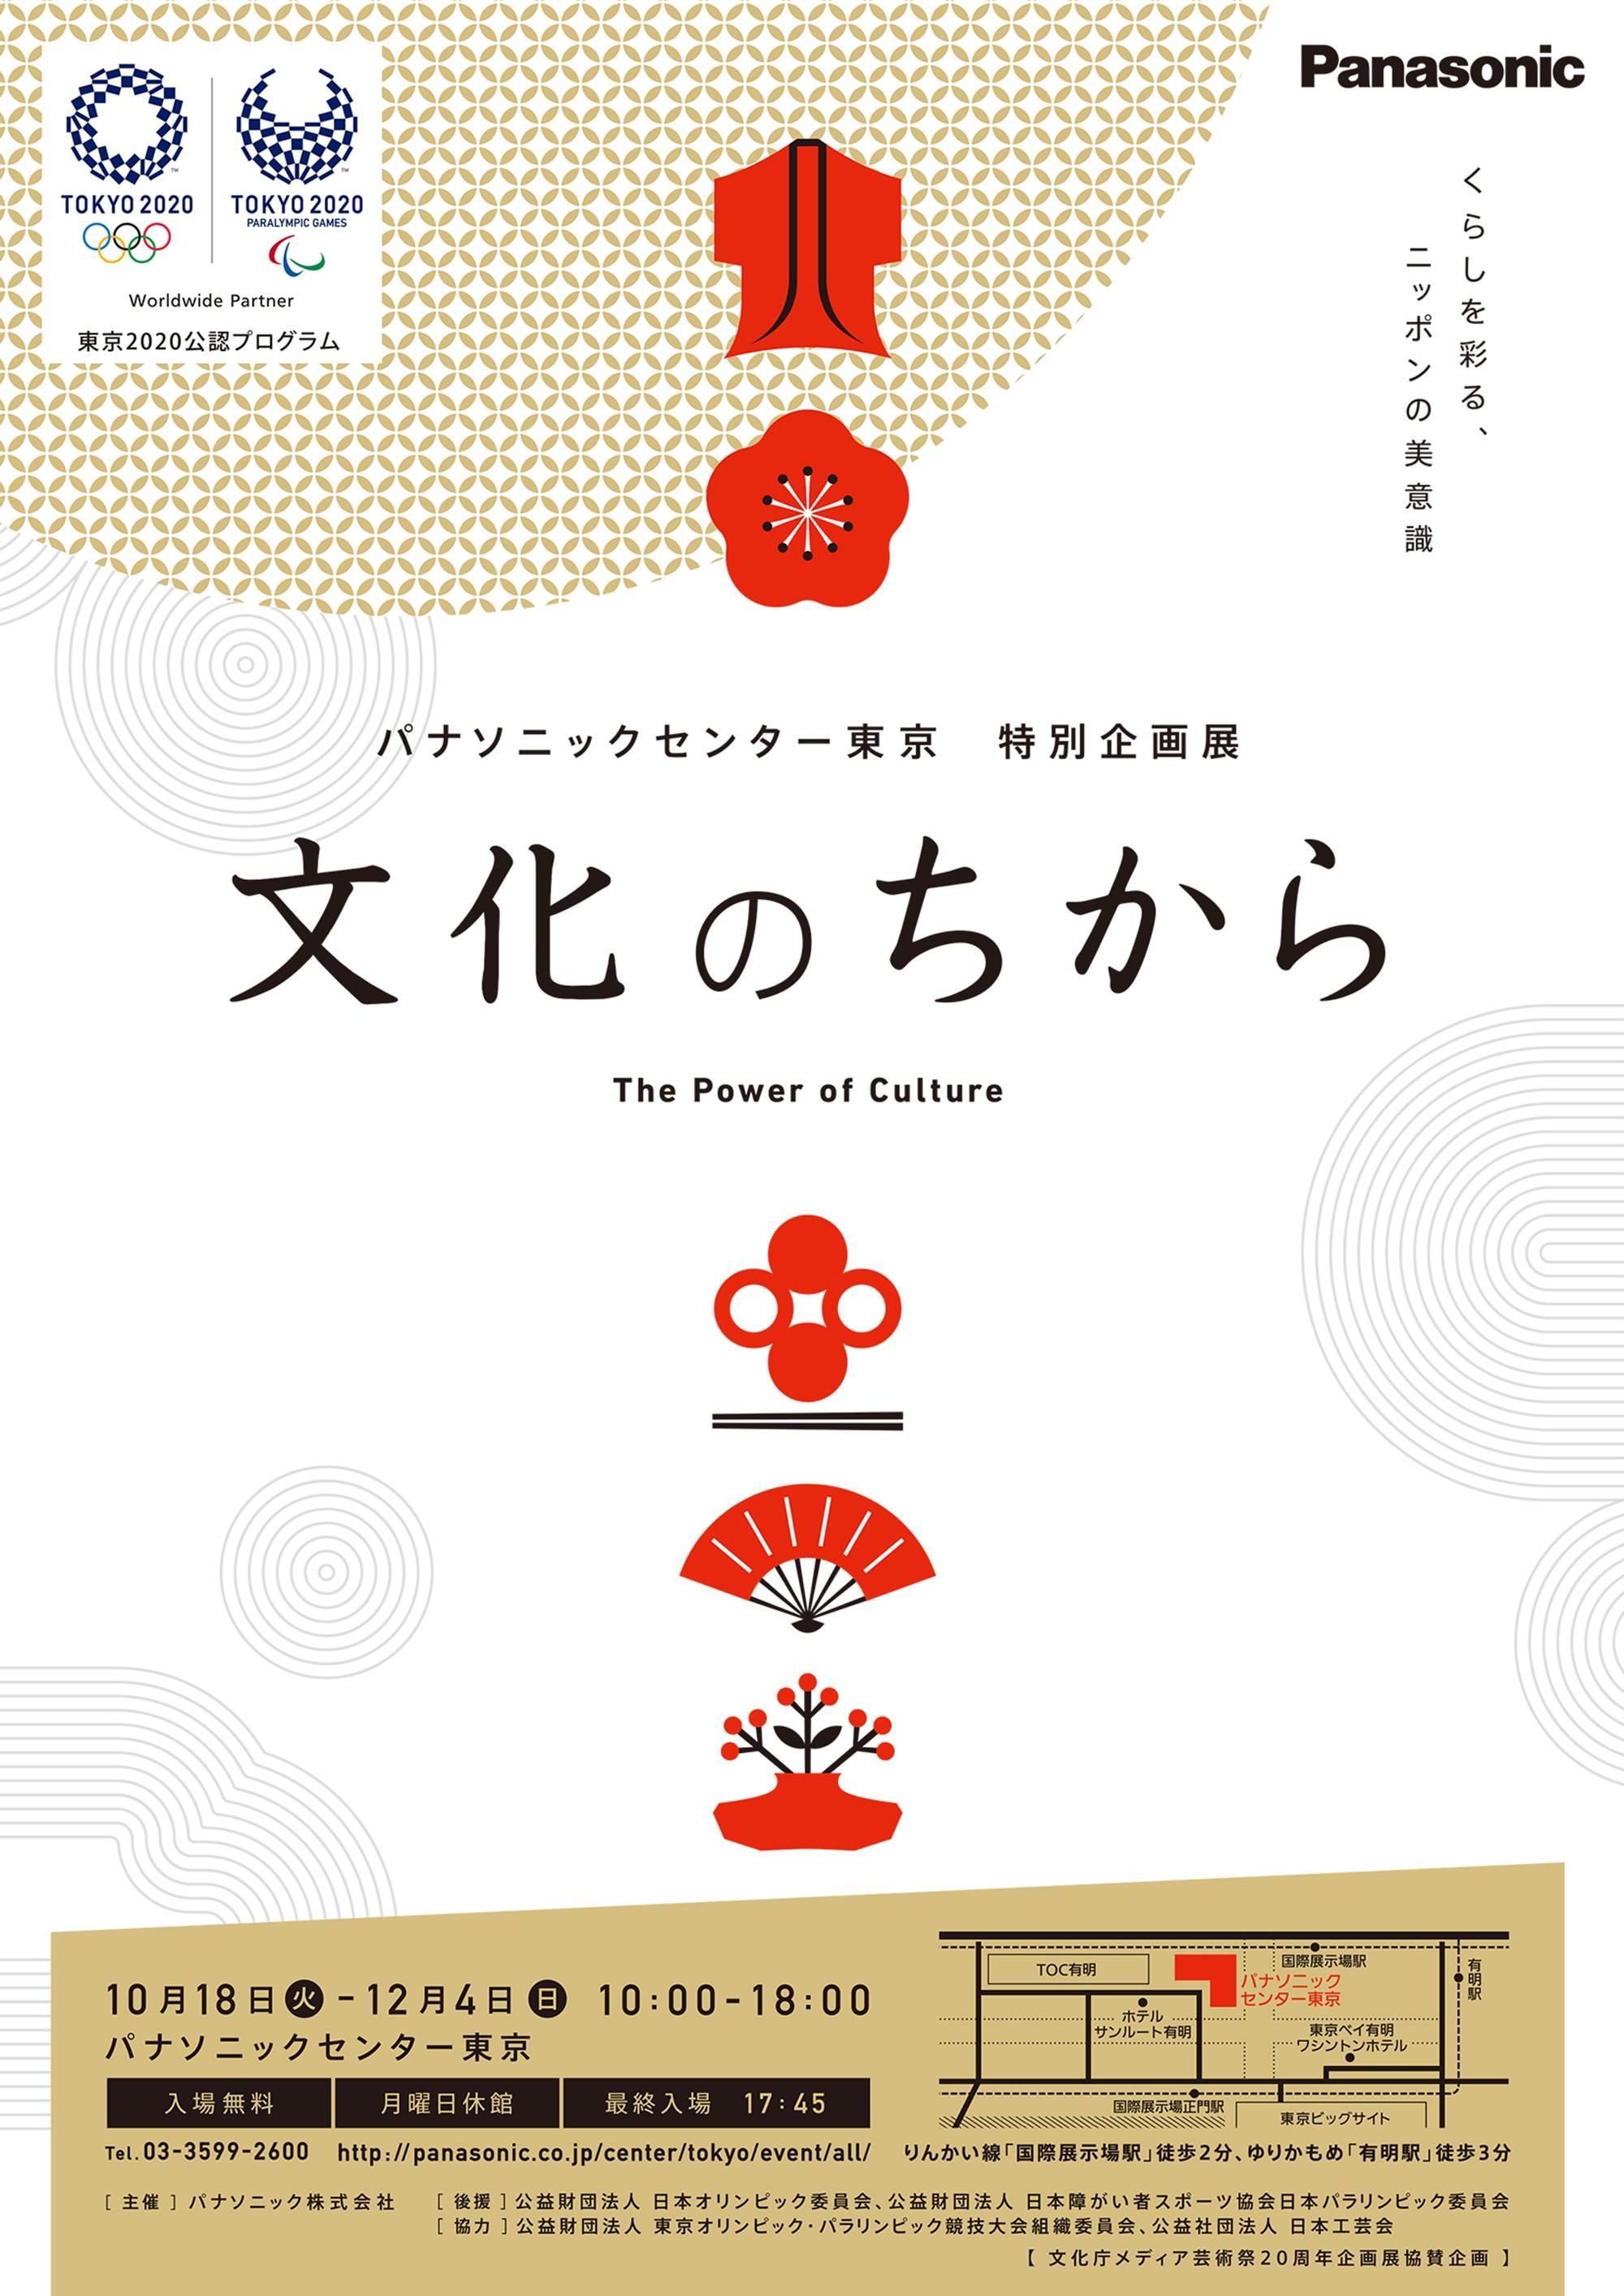 パナソニックセンター東京で特別企画展「文化のちから」を開催